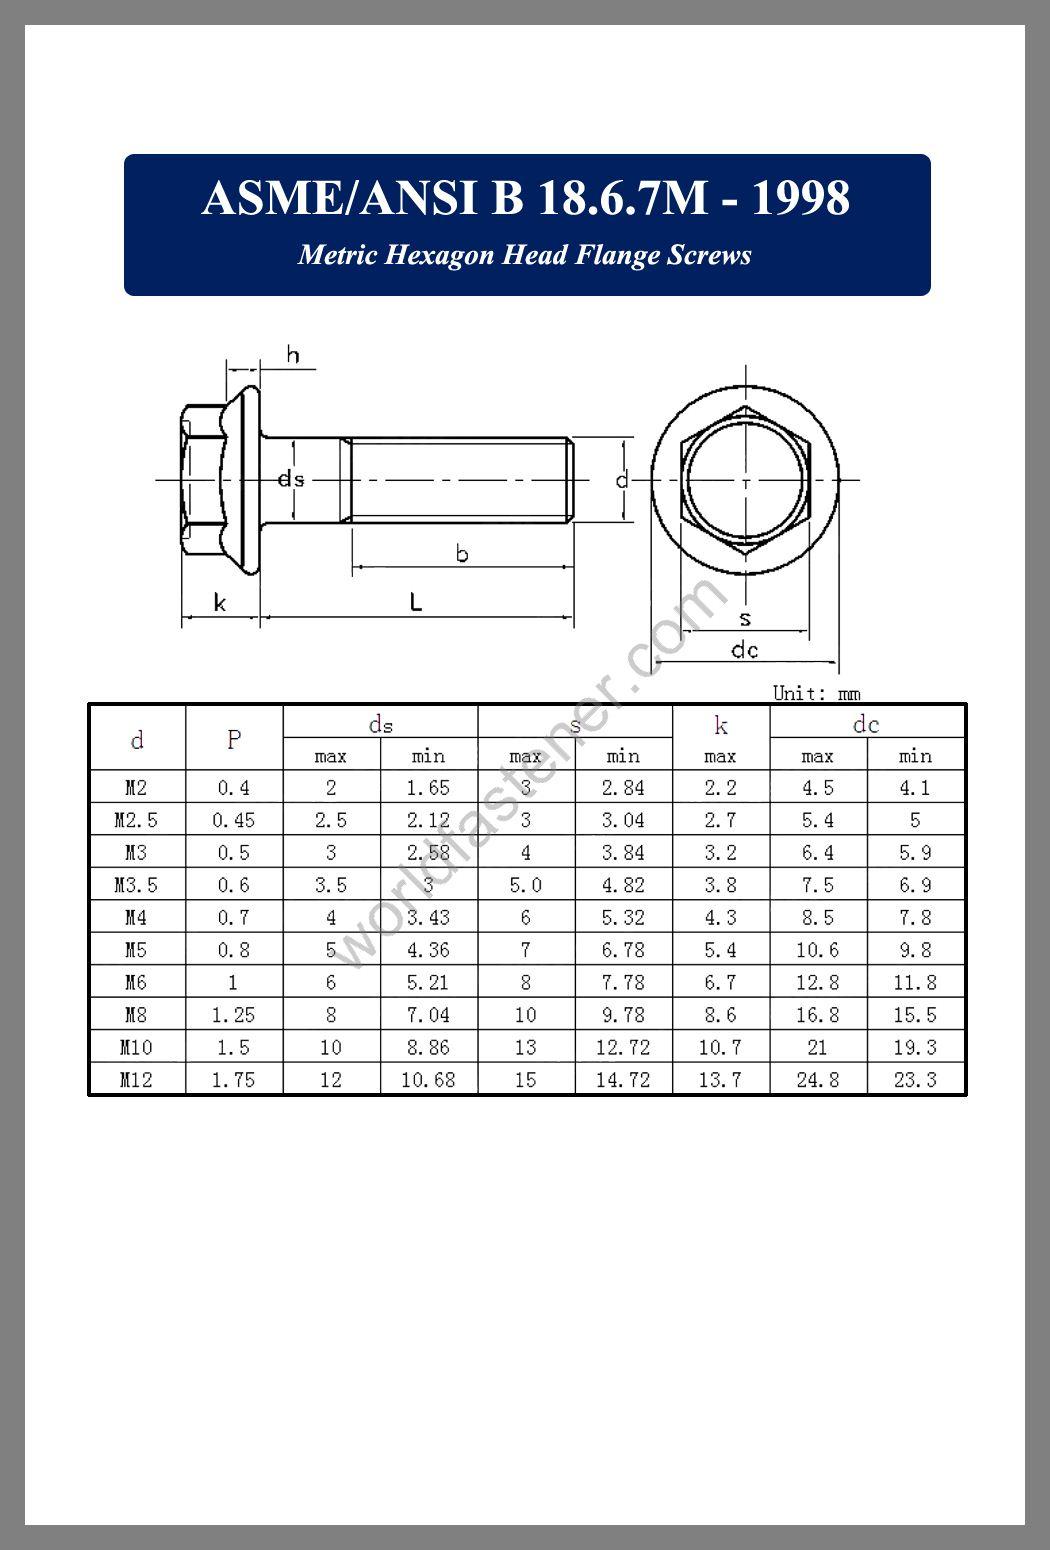 ASME-ANSI B 18.6.7M, Metric Hexagon Flange Screws, Flanged Bolts, Flange screws, fastener, screw, bolt, ASME bolts, ANSI screws